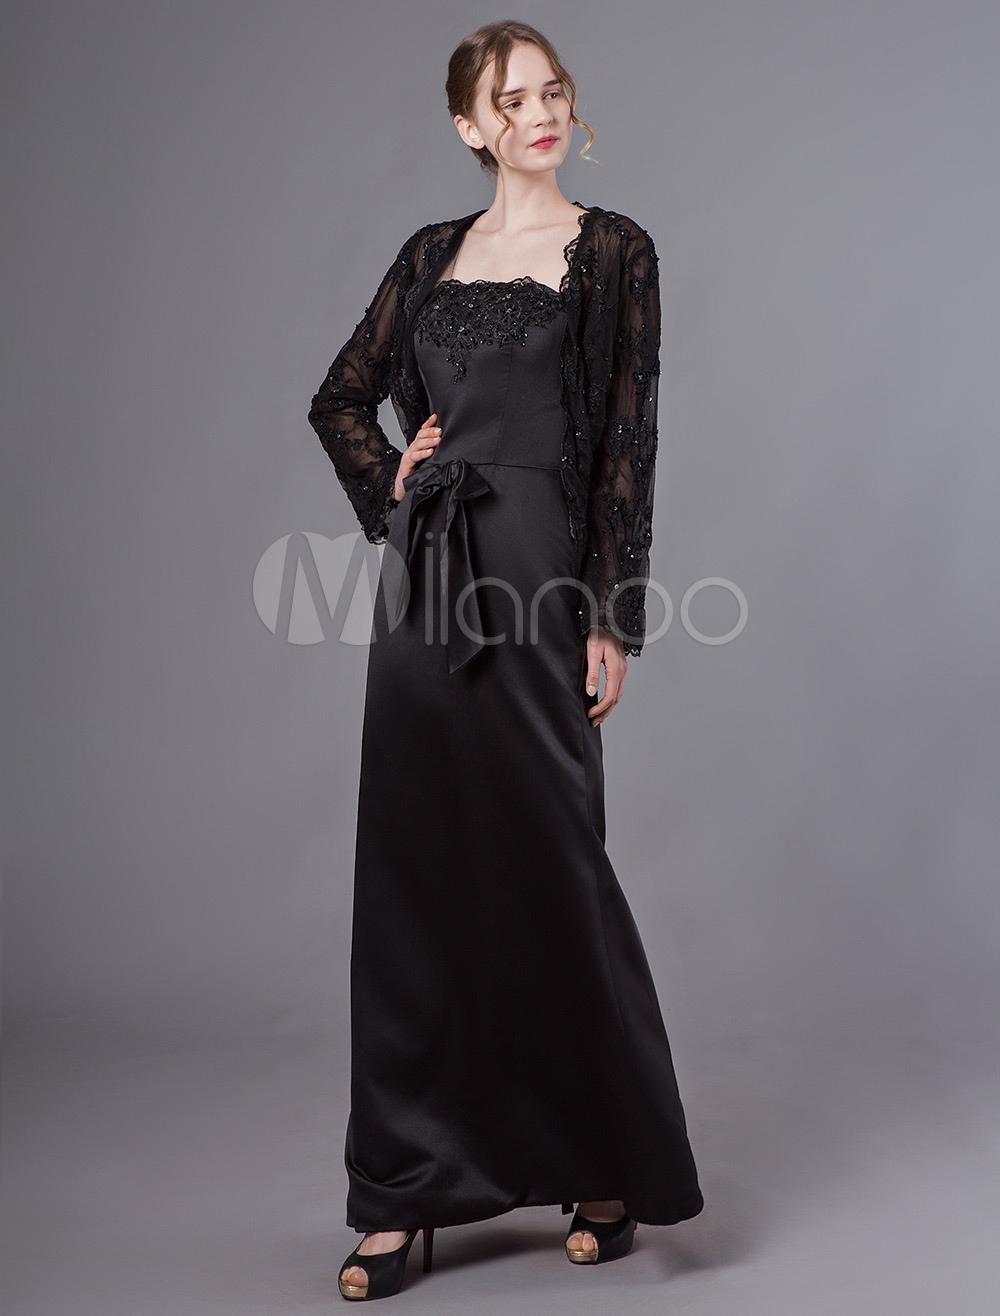 neues Konzept 4cb7e 8015c Schwarze Mutter der Braut Outfit Kleider Jacke Spitze Satin Bögen Maxi  Formale Kleider Set